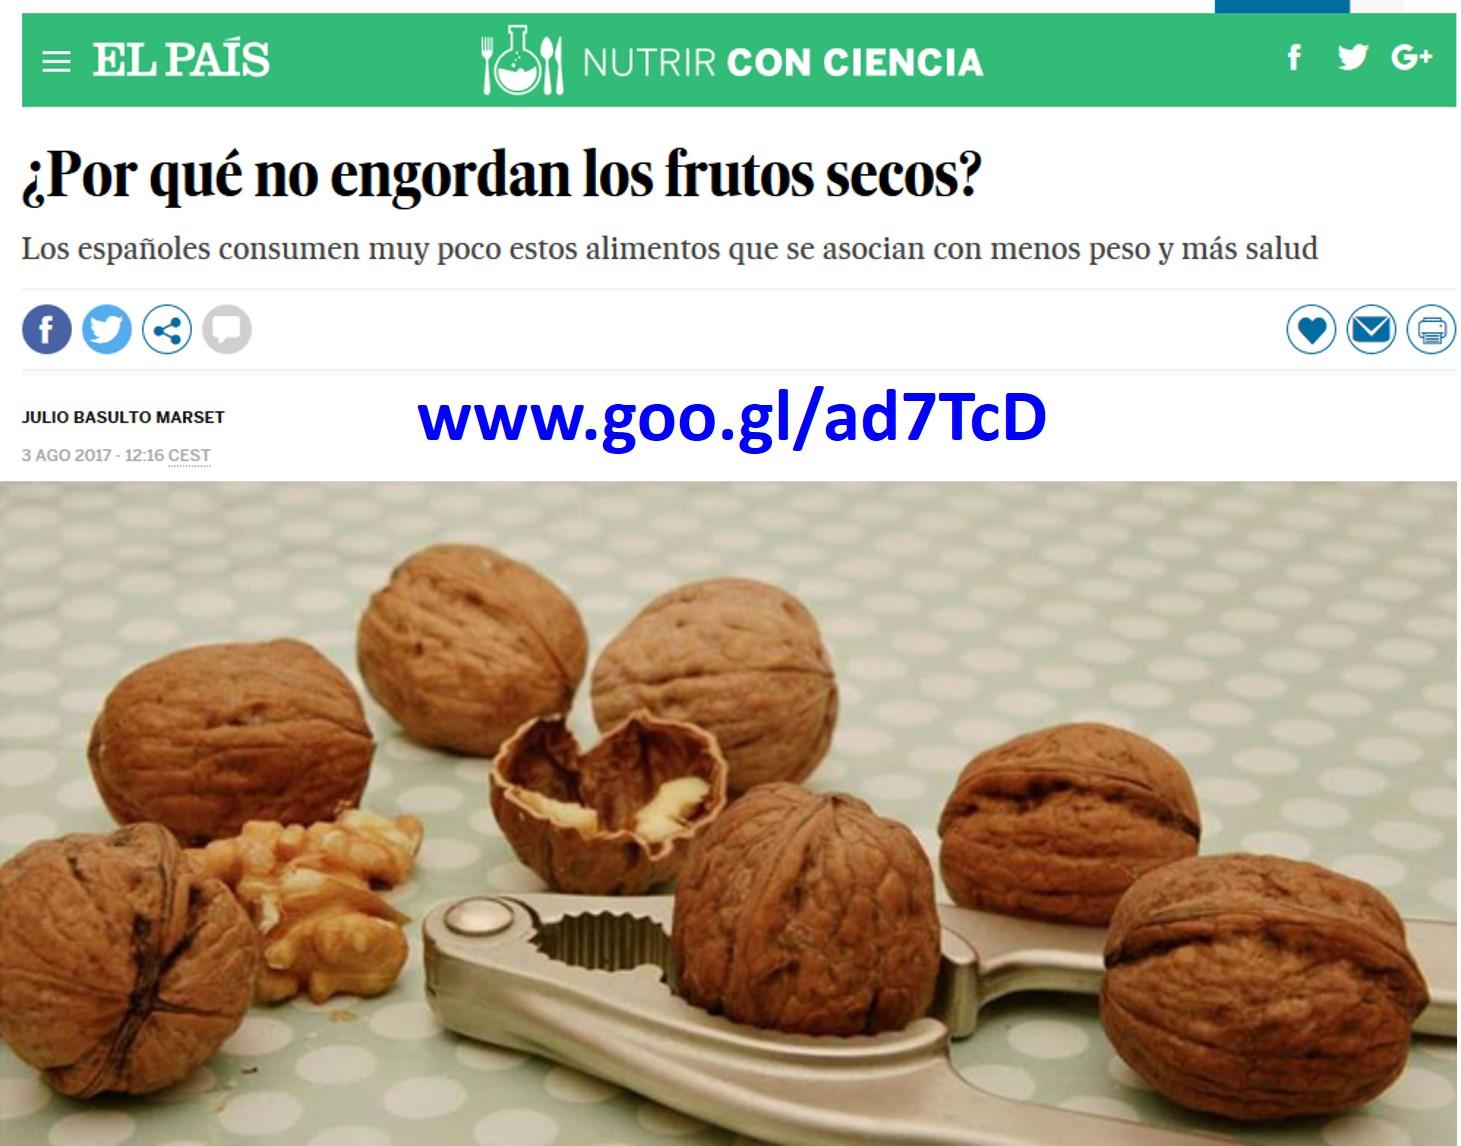 ¿Por qué no engordan los frutos secos? (artículo para El País)